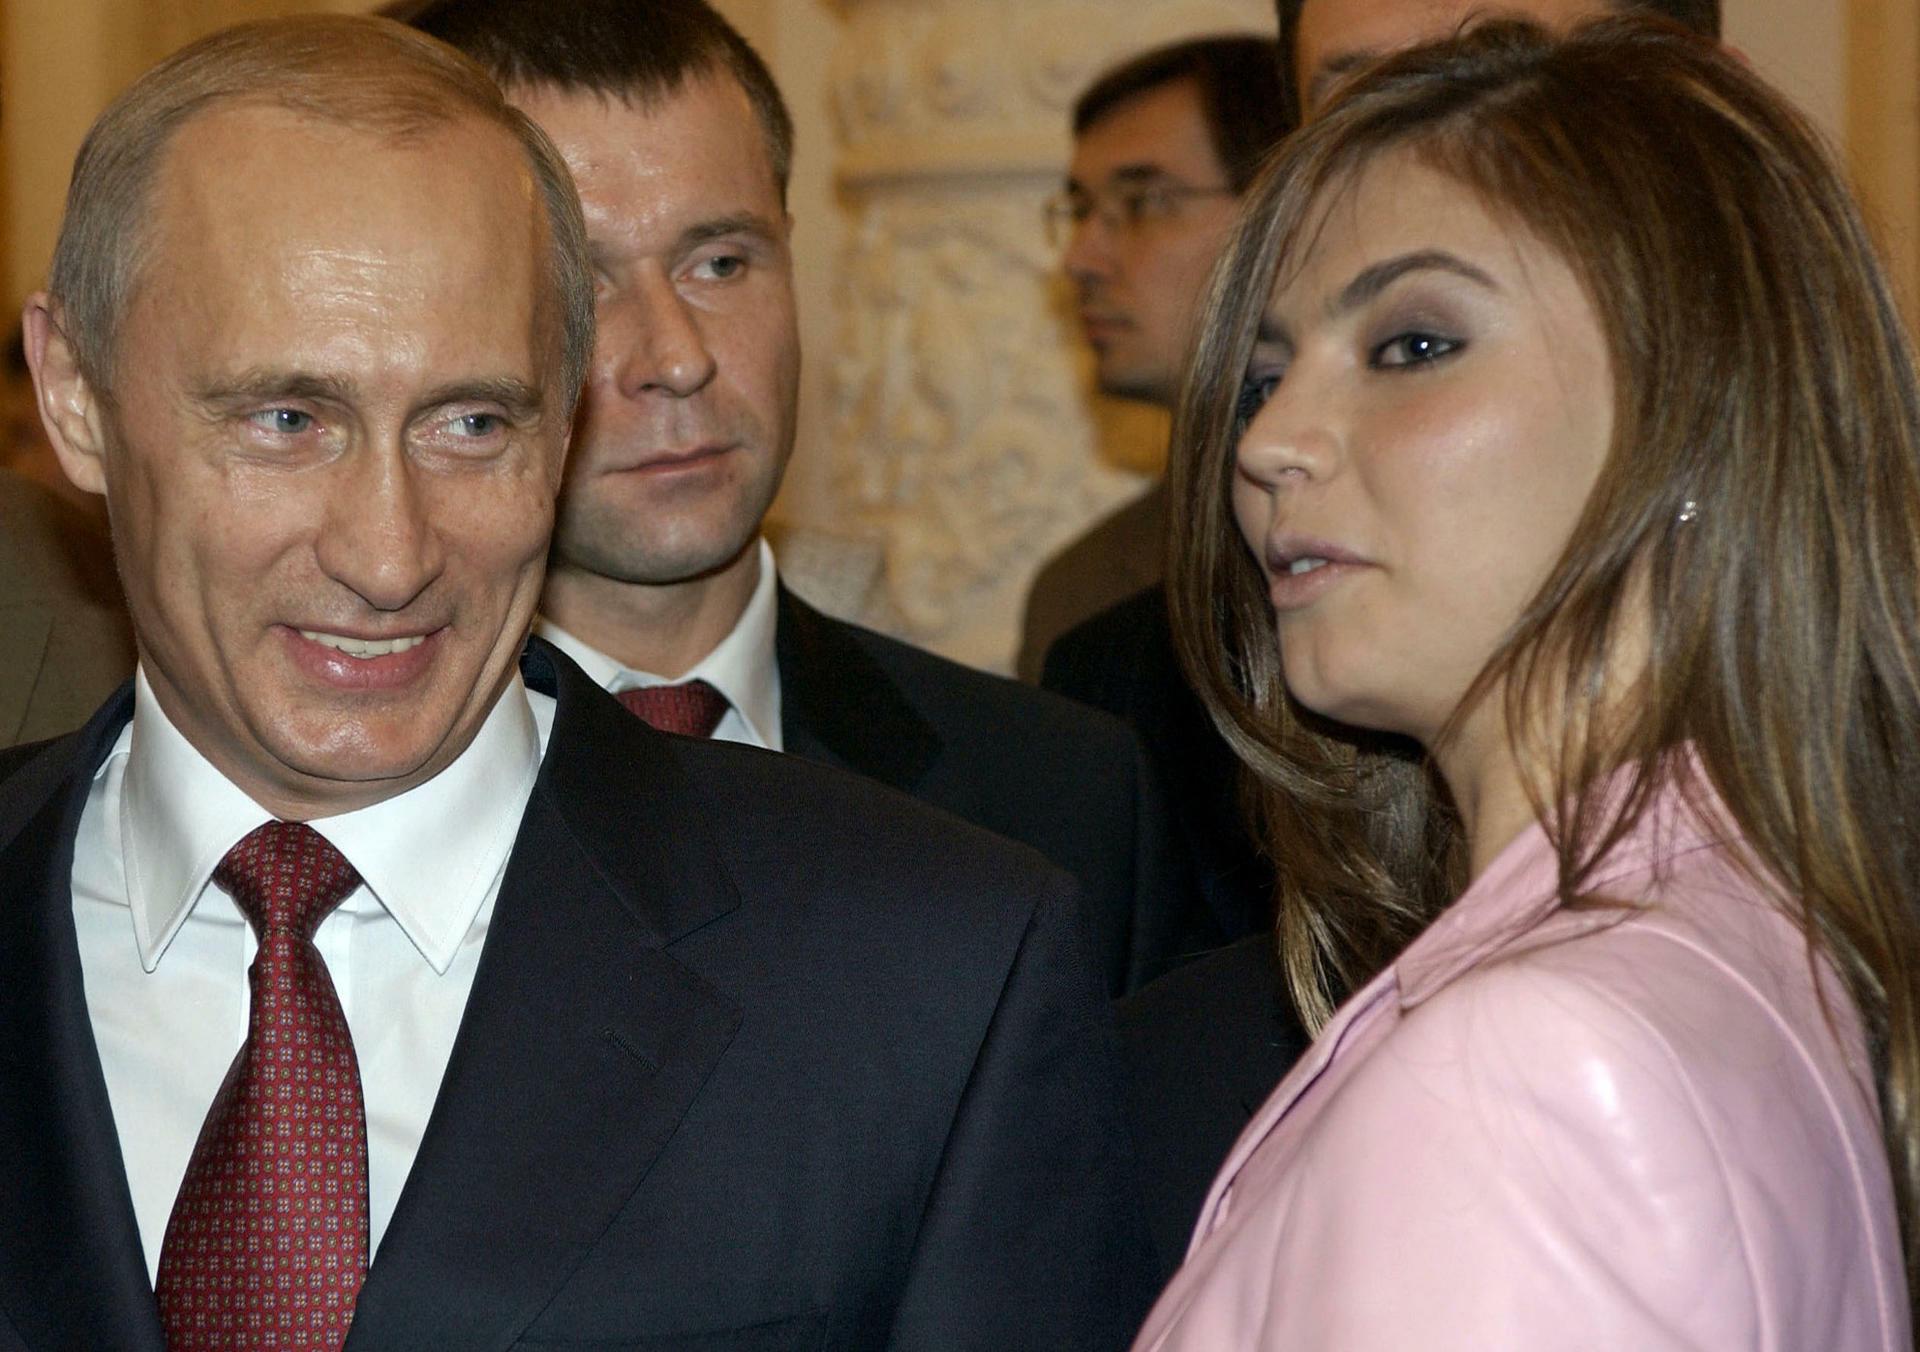 Treu russische frauen Partnervermittlung Russland